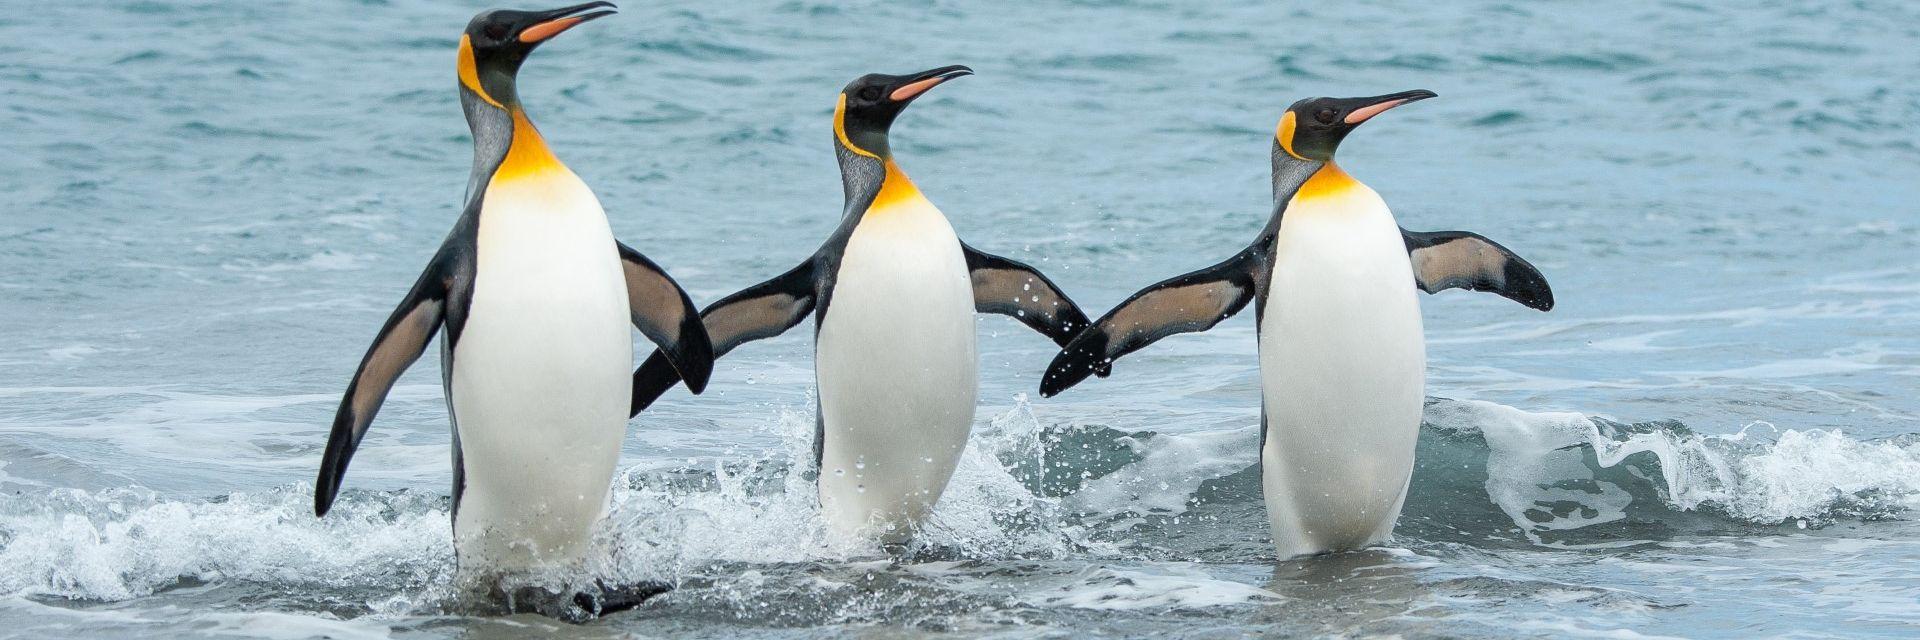 Антарктическите пингвини  печелят от глобалното  затопляне